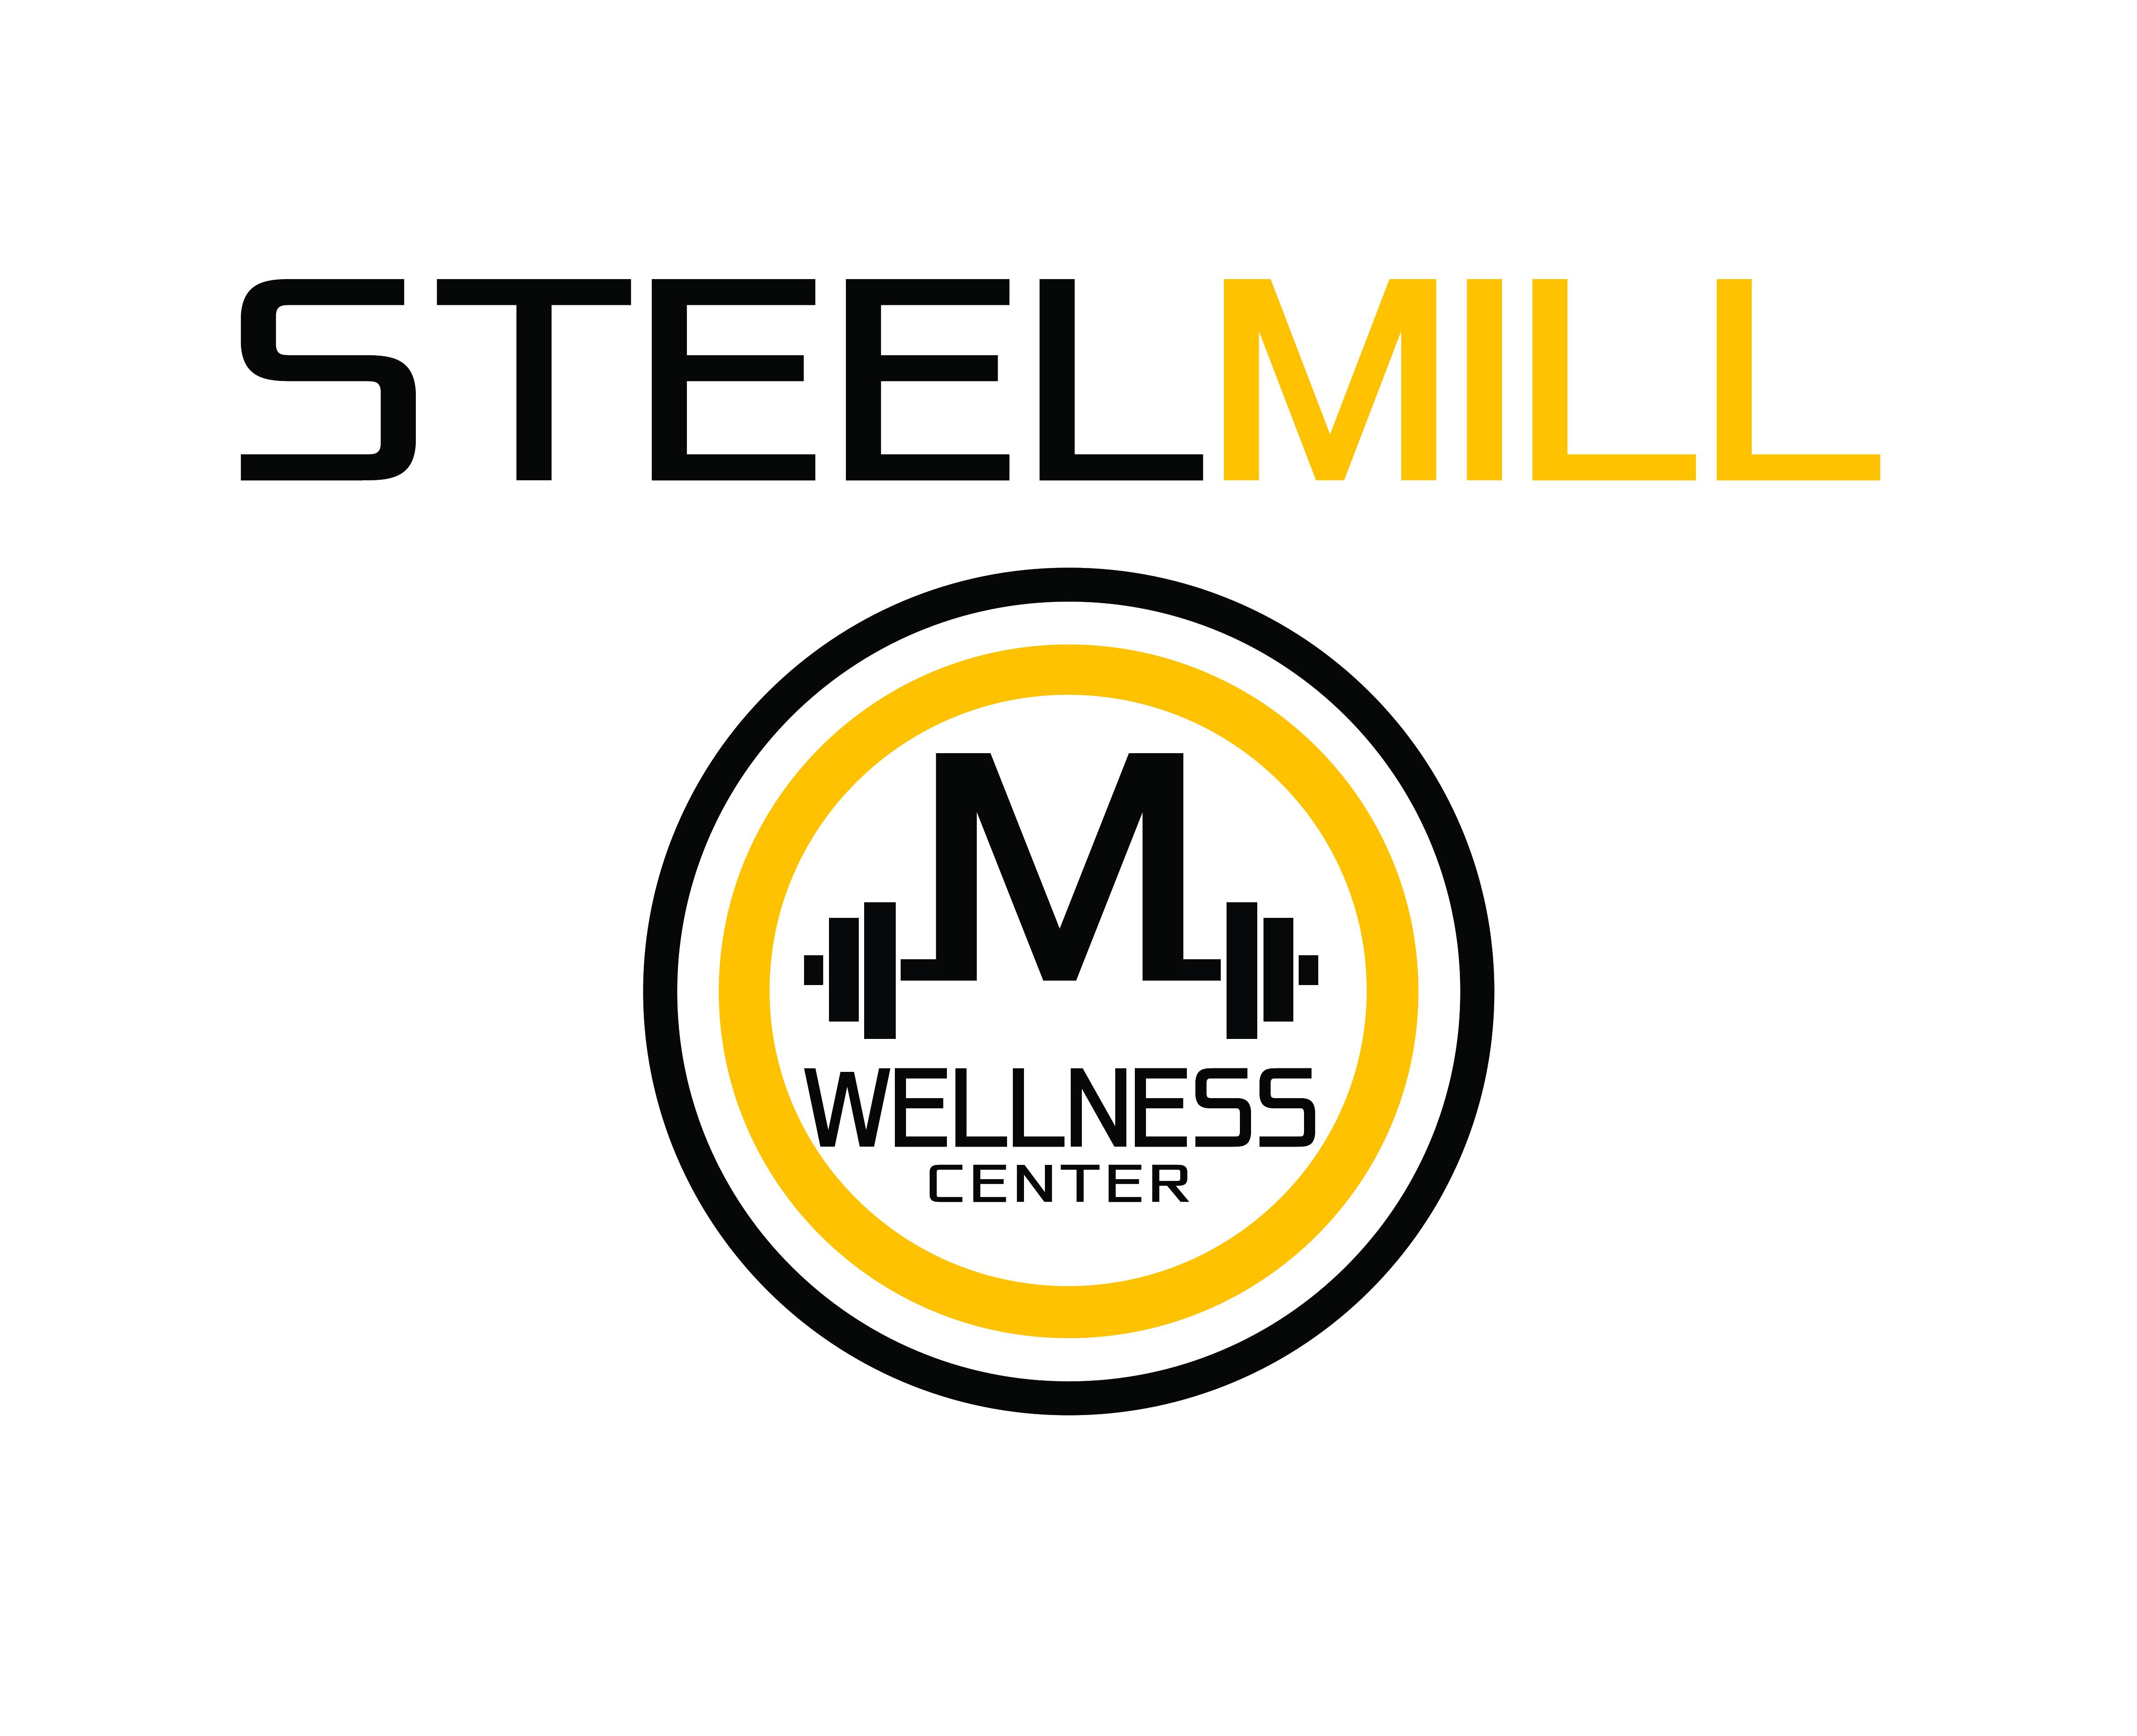 steelmilllogo2